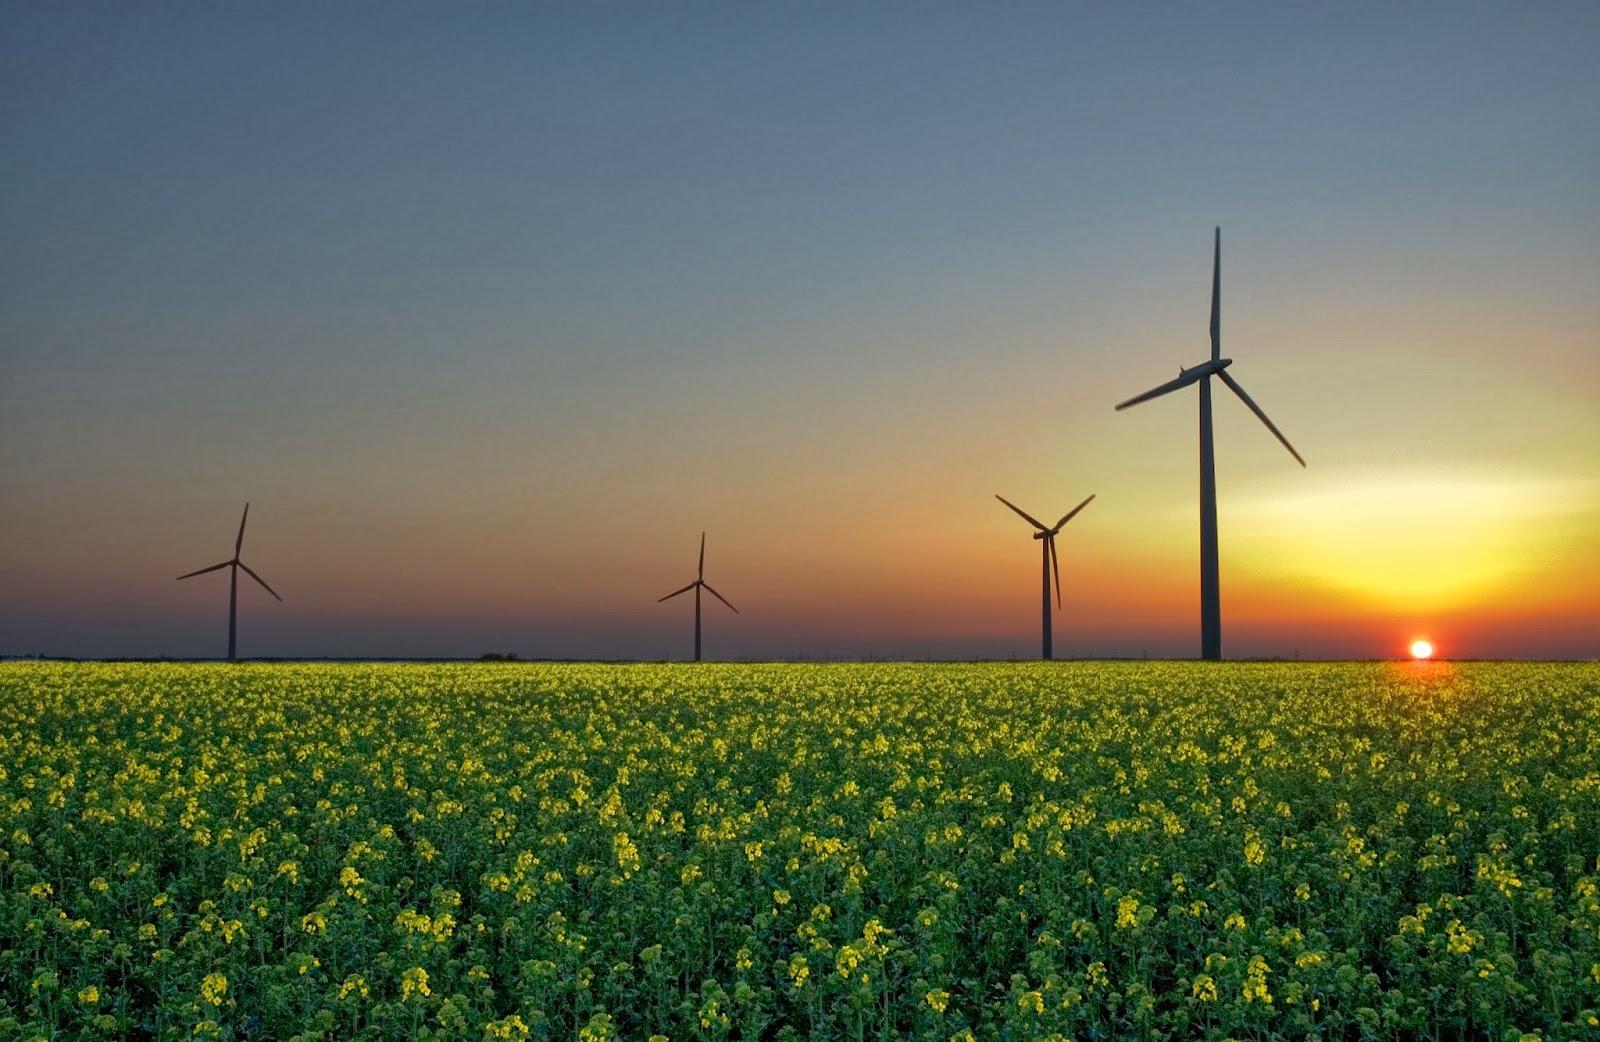 Kosten Für Stromverbrauch Senken Und Den Richtigen Anbieter Finden ... Energie Sparen Stromkosten Senken Schritten